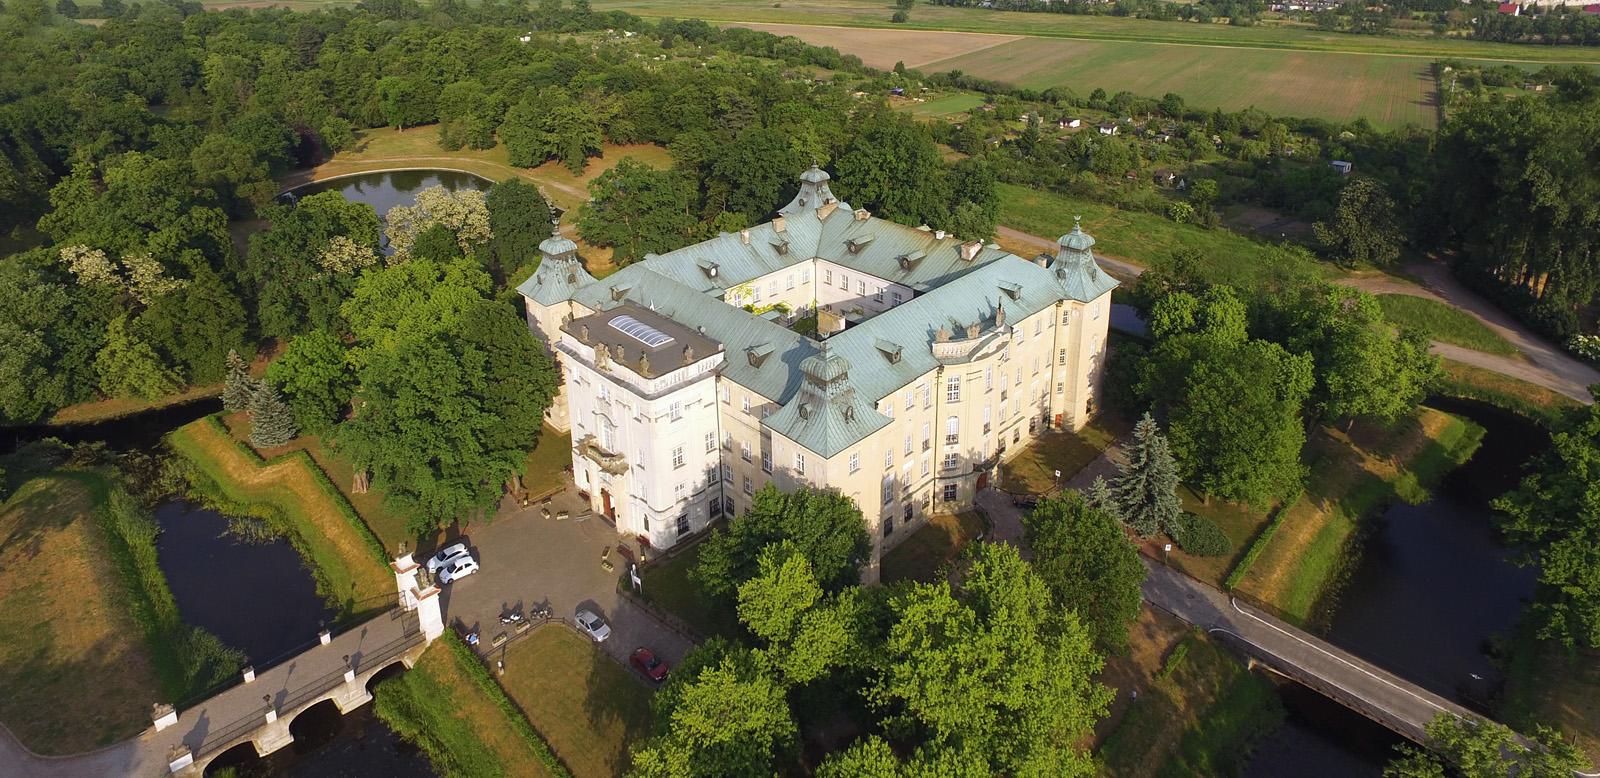 zdjęcie lotnicze - Leszno - dron